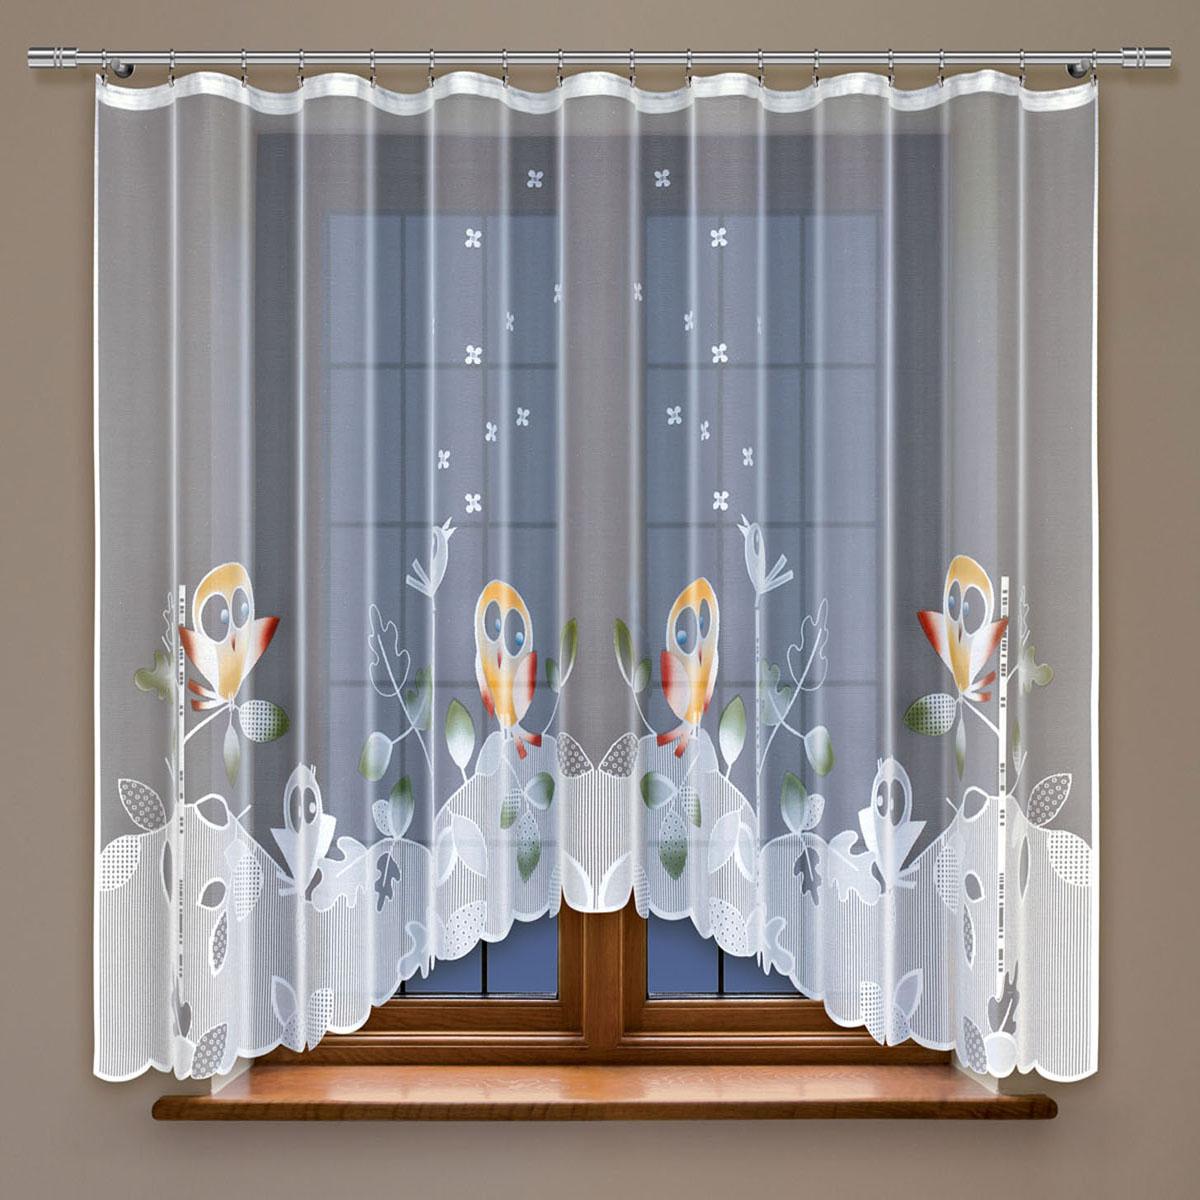 Гардина Haft, на ленте, цвет: белый, высота 160 см. 213970SVC-300Гардина Haft, изготовленная из полиэстера, станет великолепным украшением любого окна. Тонкое плетение и оригинальный дизайн привлекут к себе внимание. Изделие органично впишется в интерьер. Гардина крепится на карниз при помощи ленты, которая поможет красиво и равномерно задрапировать верх.